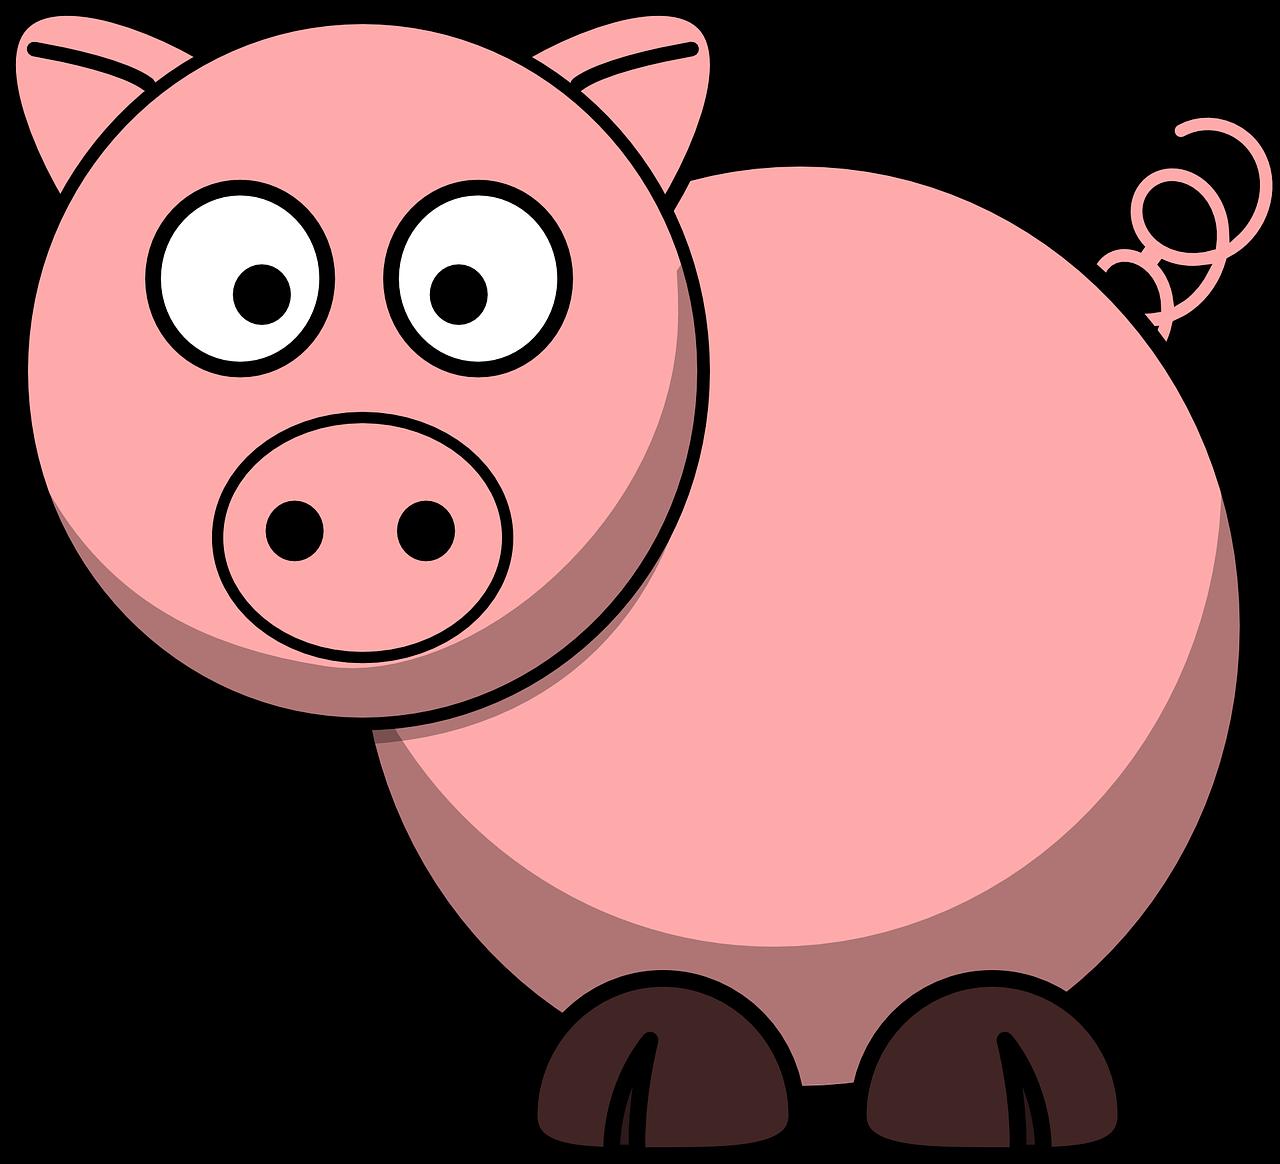 Imagen Gratis En Pixabay Cerdo Animales Granja Cola Cerdo Animal Cerdos Animados Animales